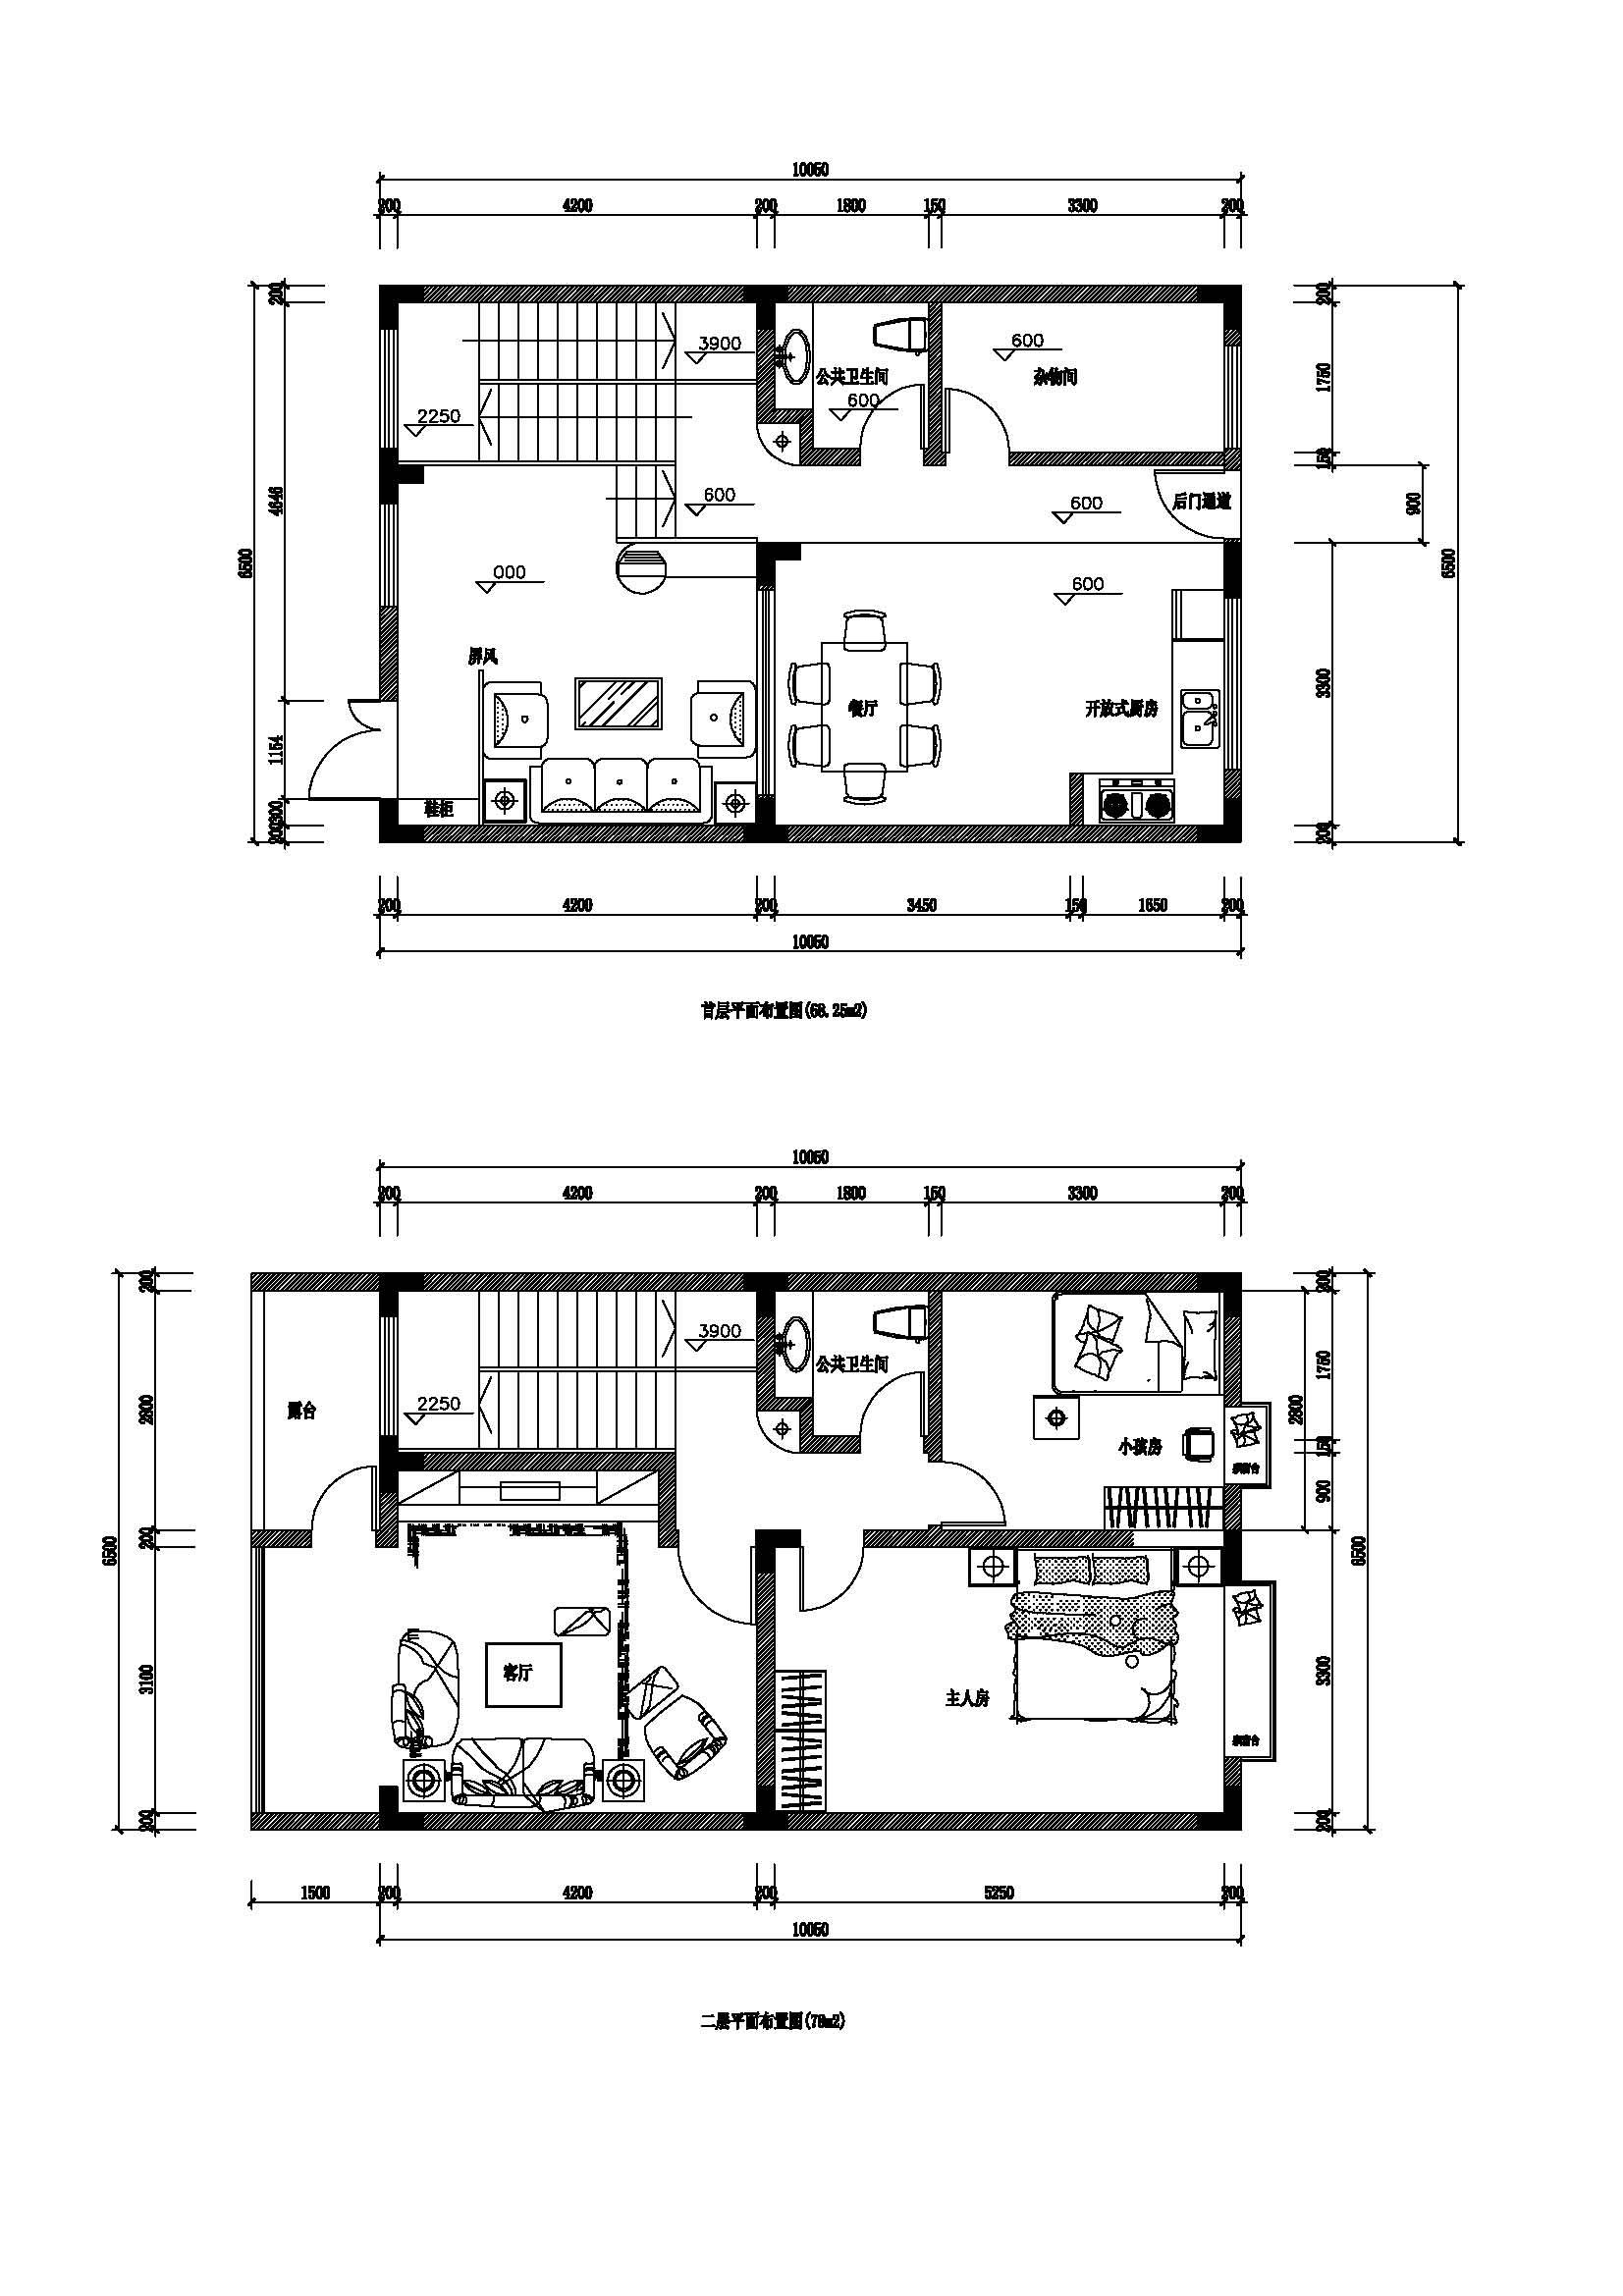 2 2014-04-21 急求农村自建房8*9平方米设计图  2013-07-10 09:14sd图片